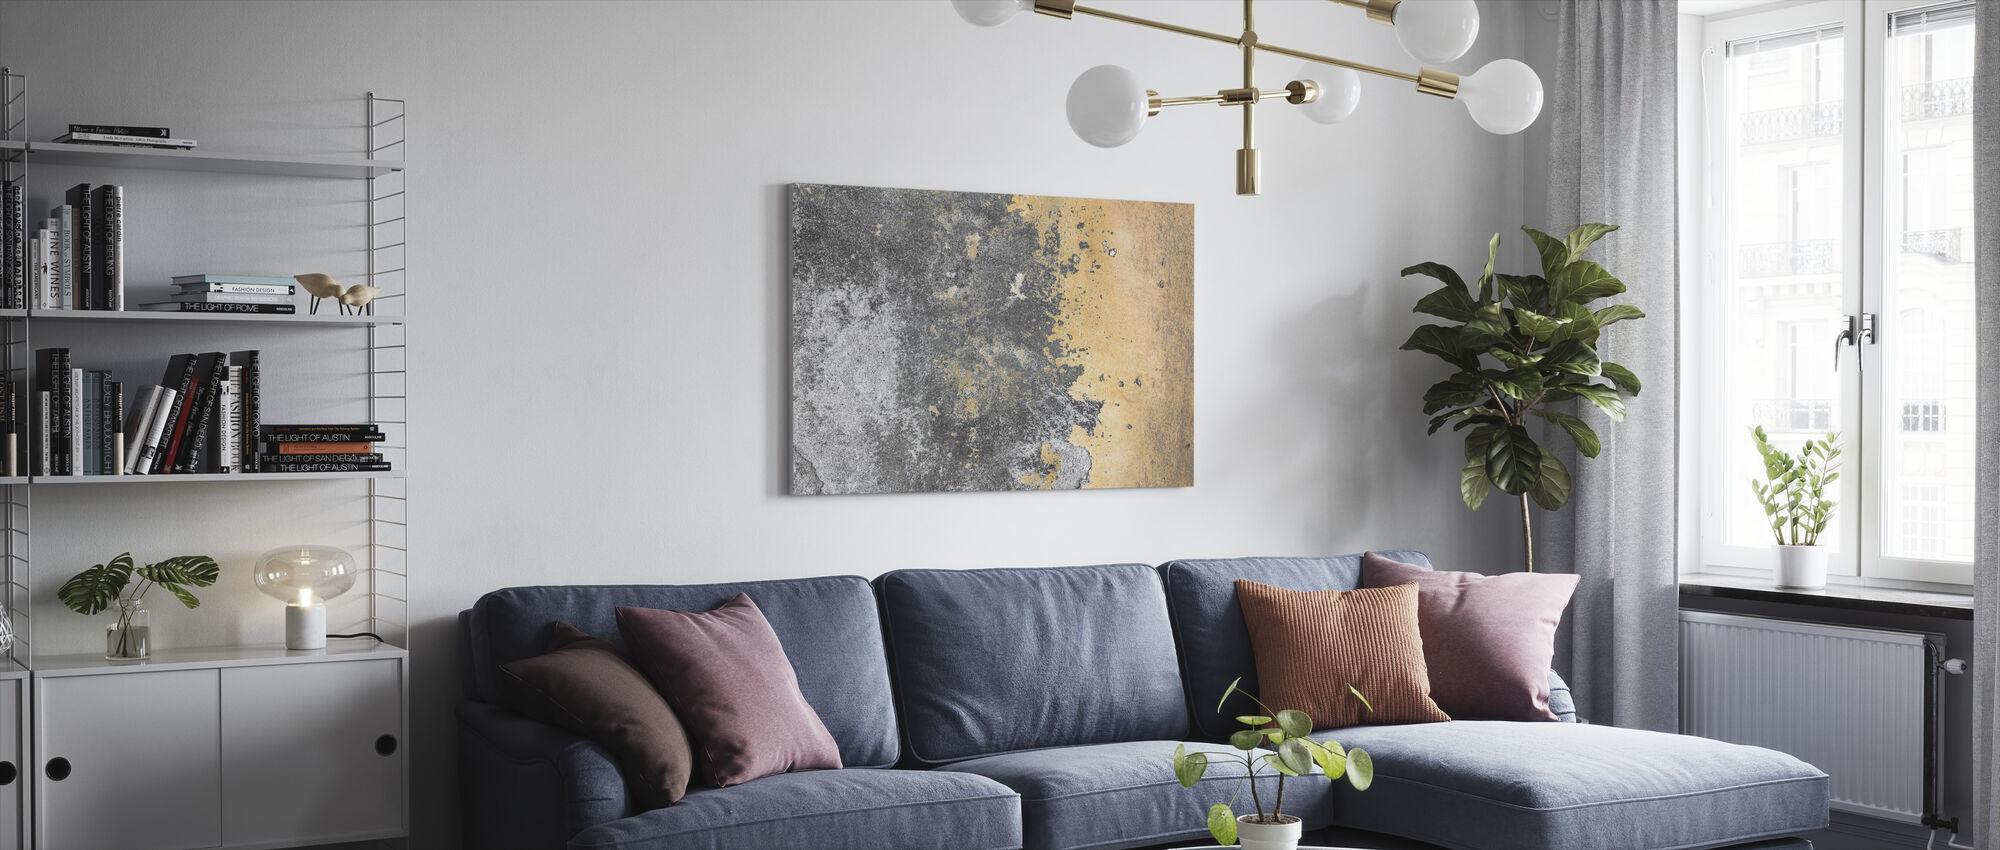 Grunge en Peeling Muur - Canvas print - Woonkamer